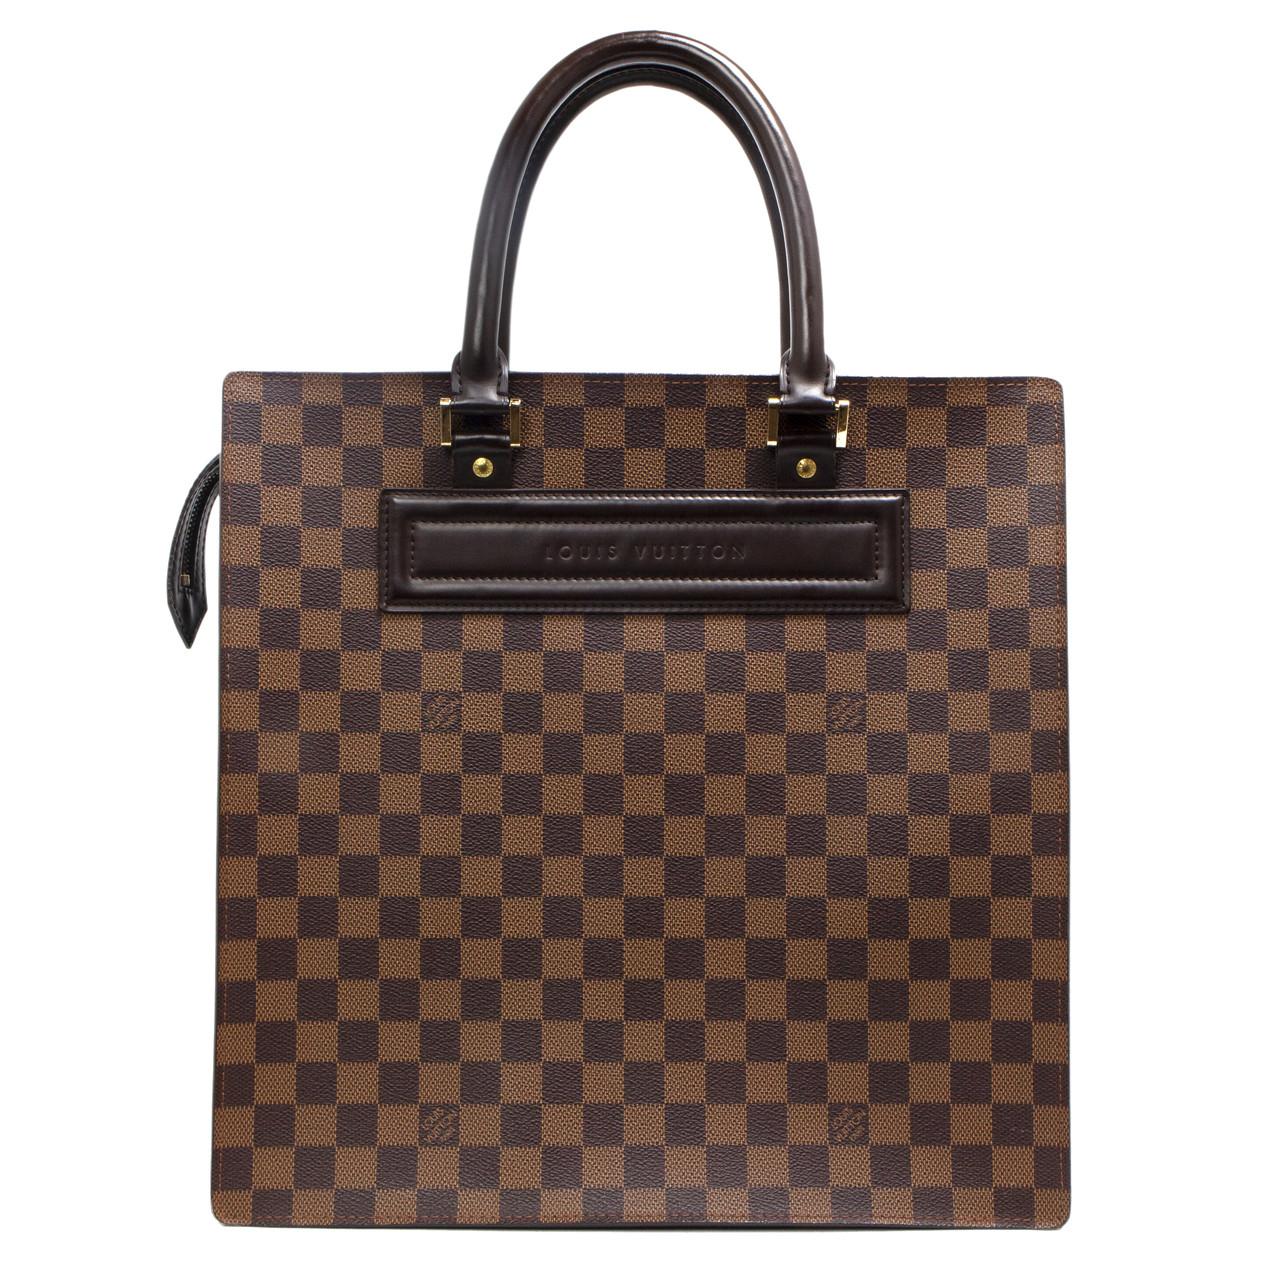 4e0766eb3b64 Louis Vuitton Damier Ebene Venice Sac Plat GM - modaselle